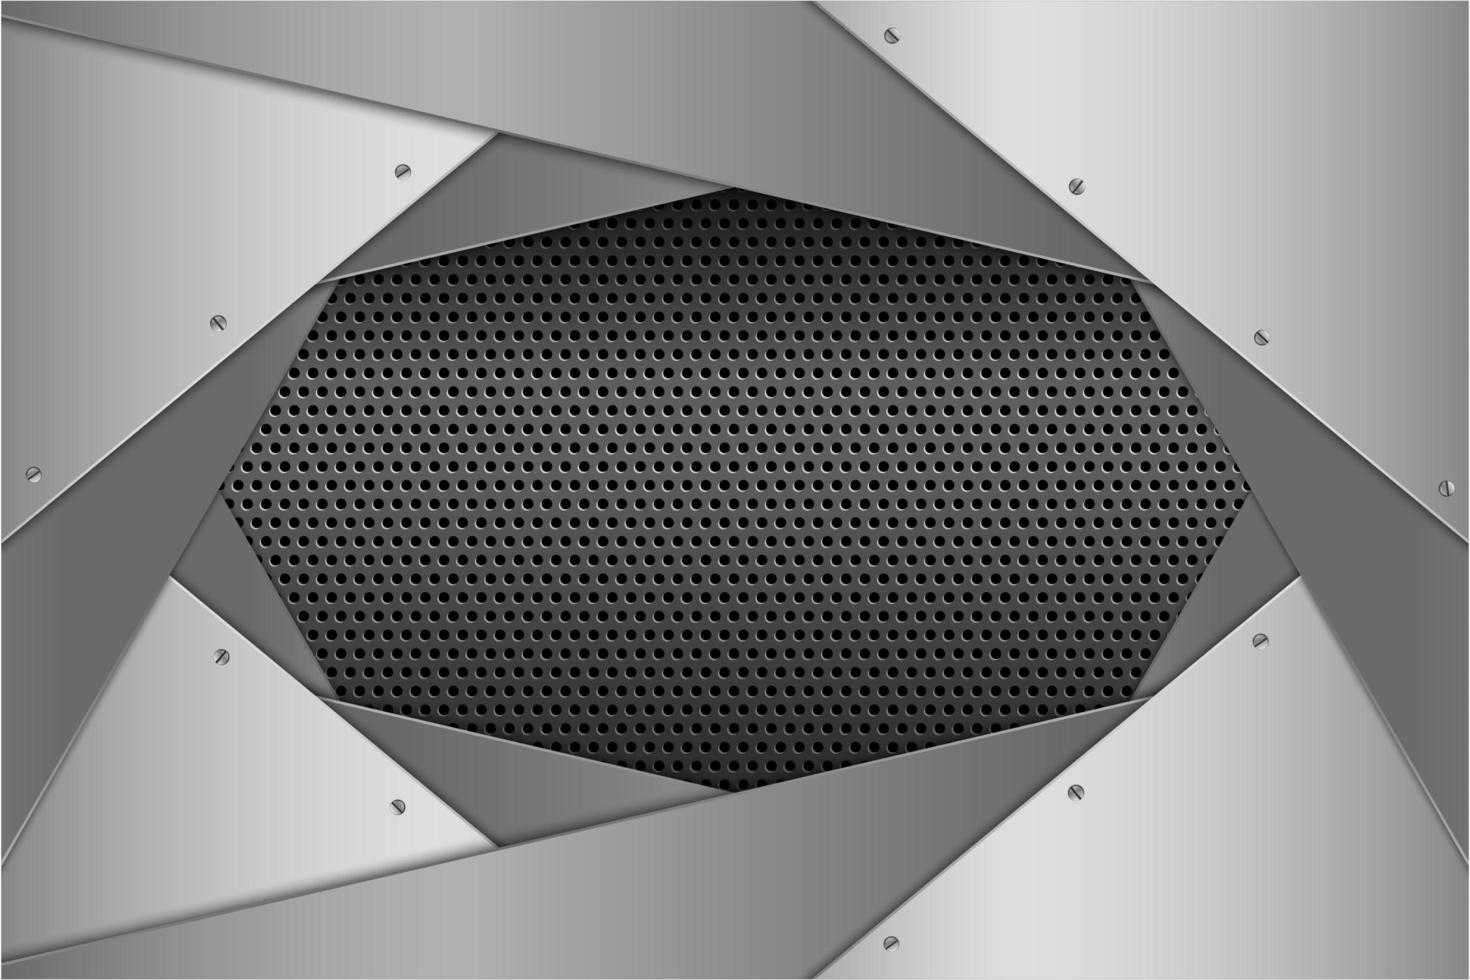 pannelli angolati stratificati argento metallizzato con trama perforata vettore